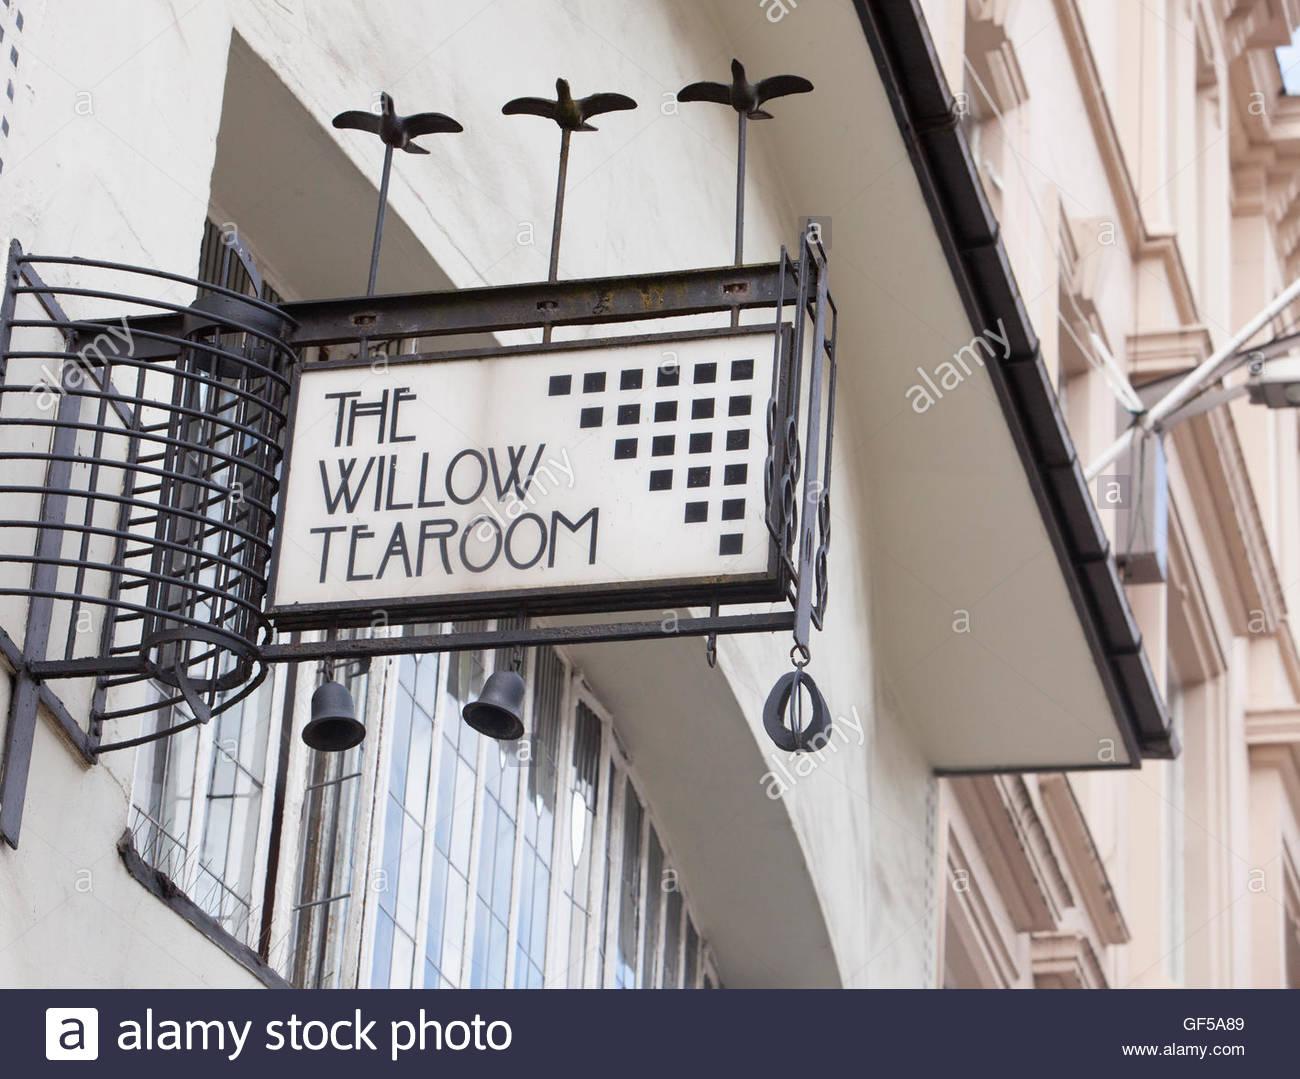 Willow Tearoom designed by celebrated Glasgow architect, Charles Rennie Mackintosh, Glasgow Scotland - Stock Image